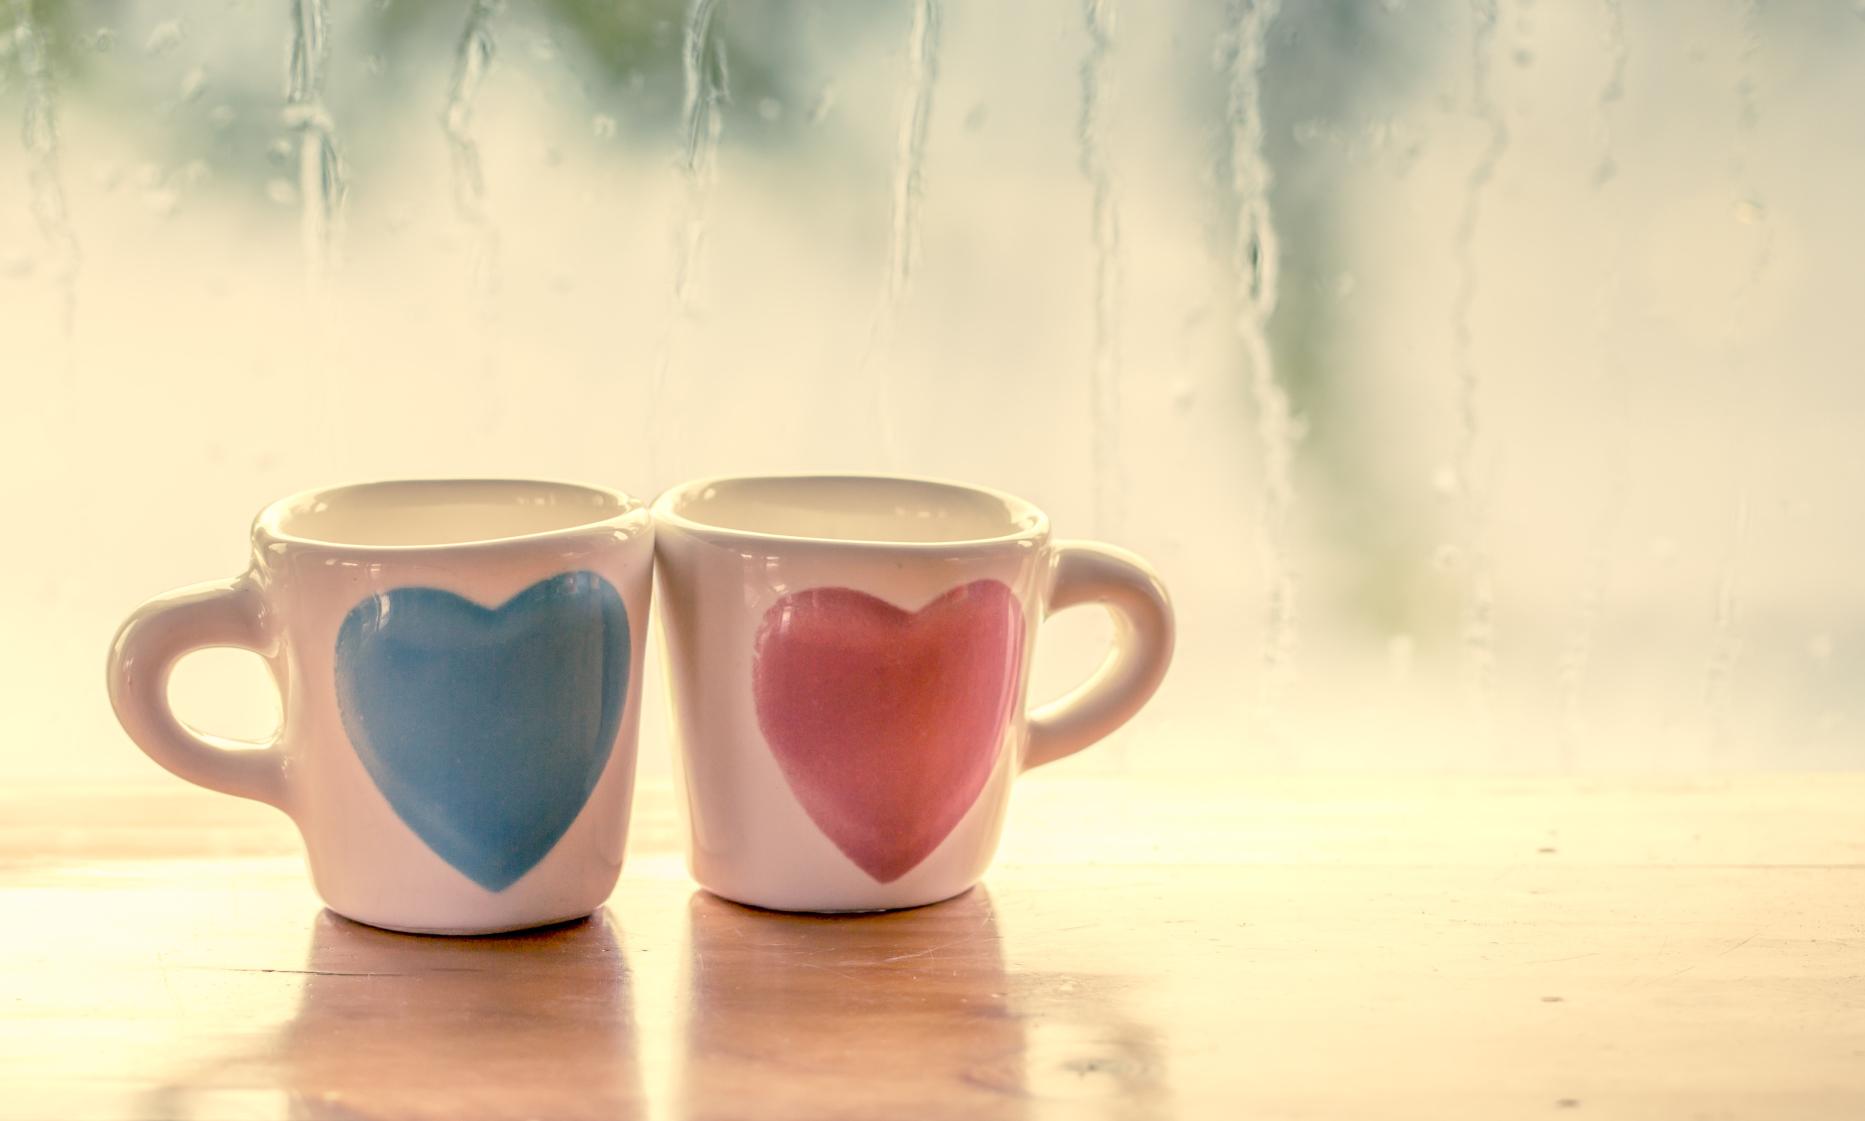 صورة تنزيل اجمل الصور الرومانسية , صور الحب والغرام